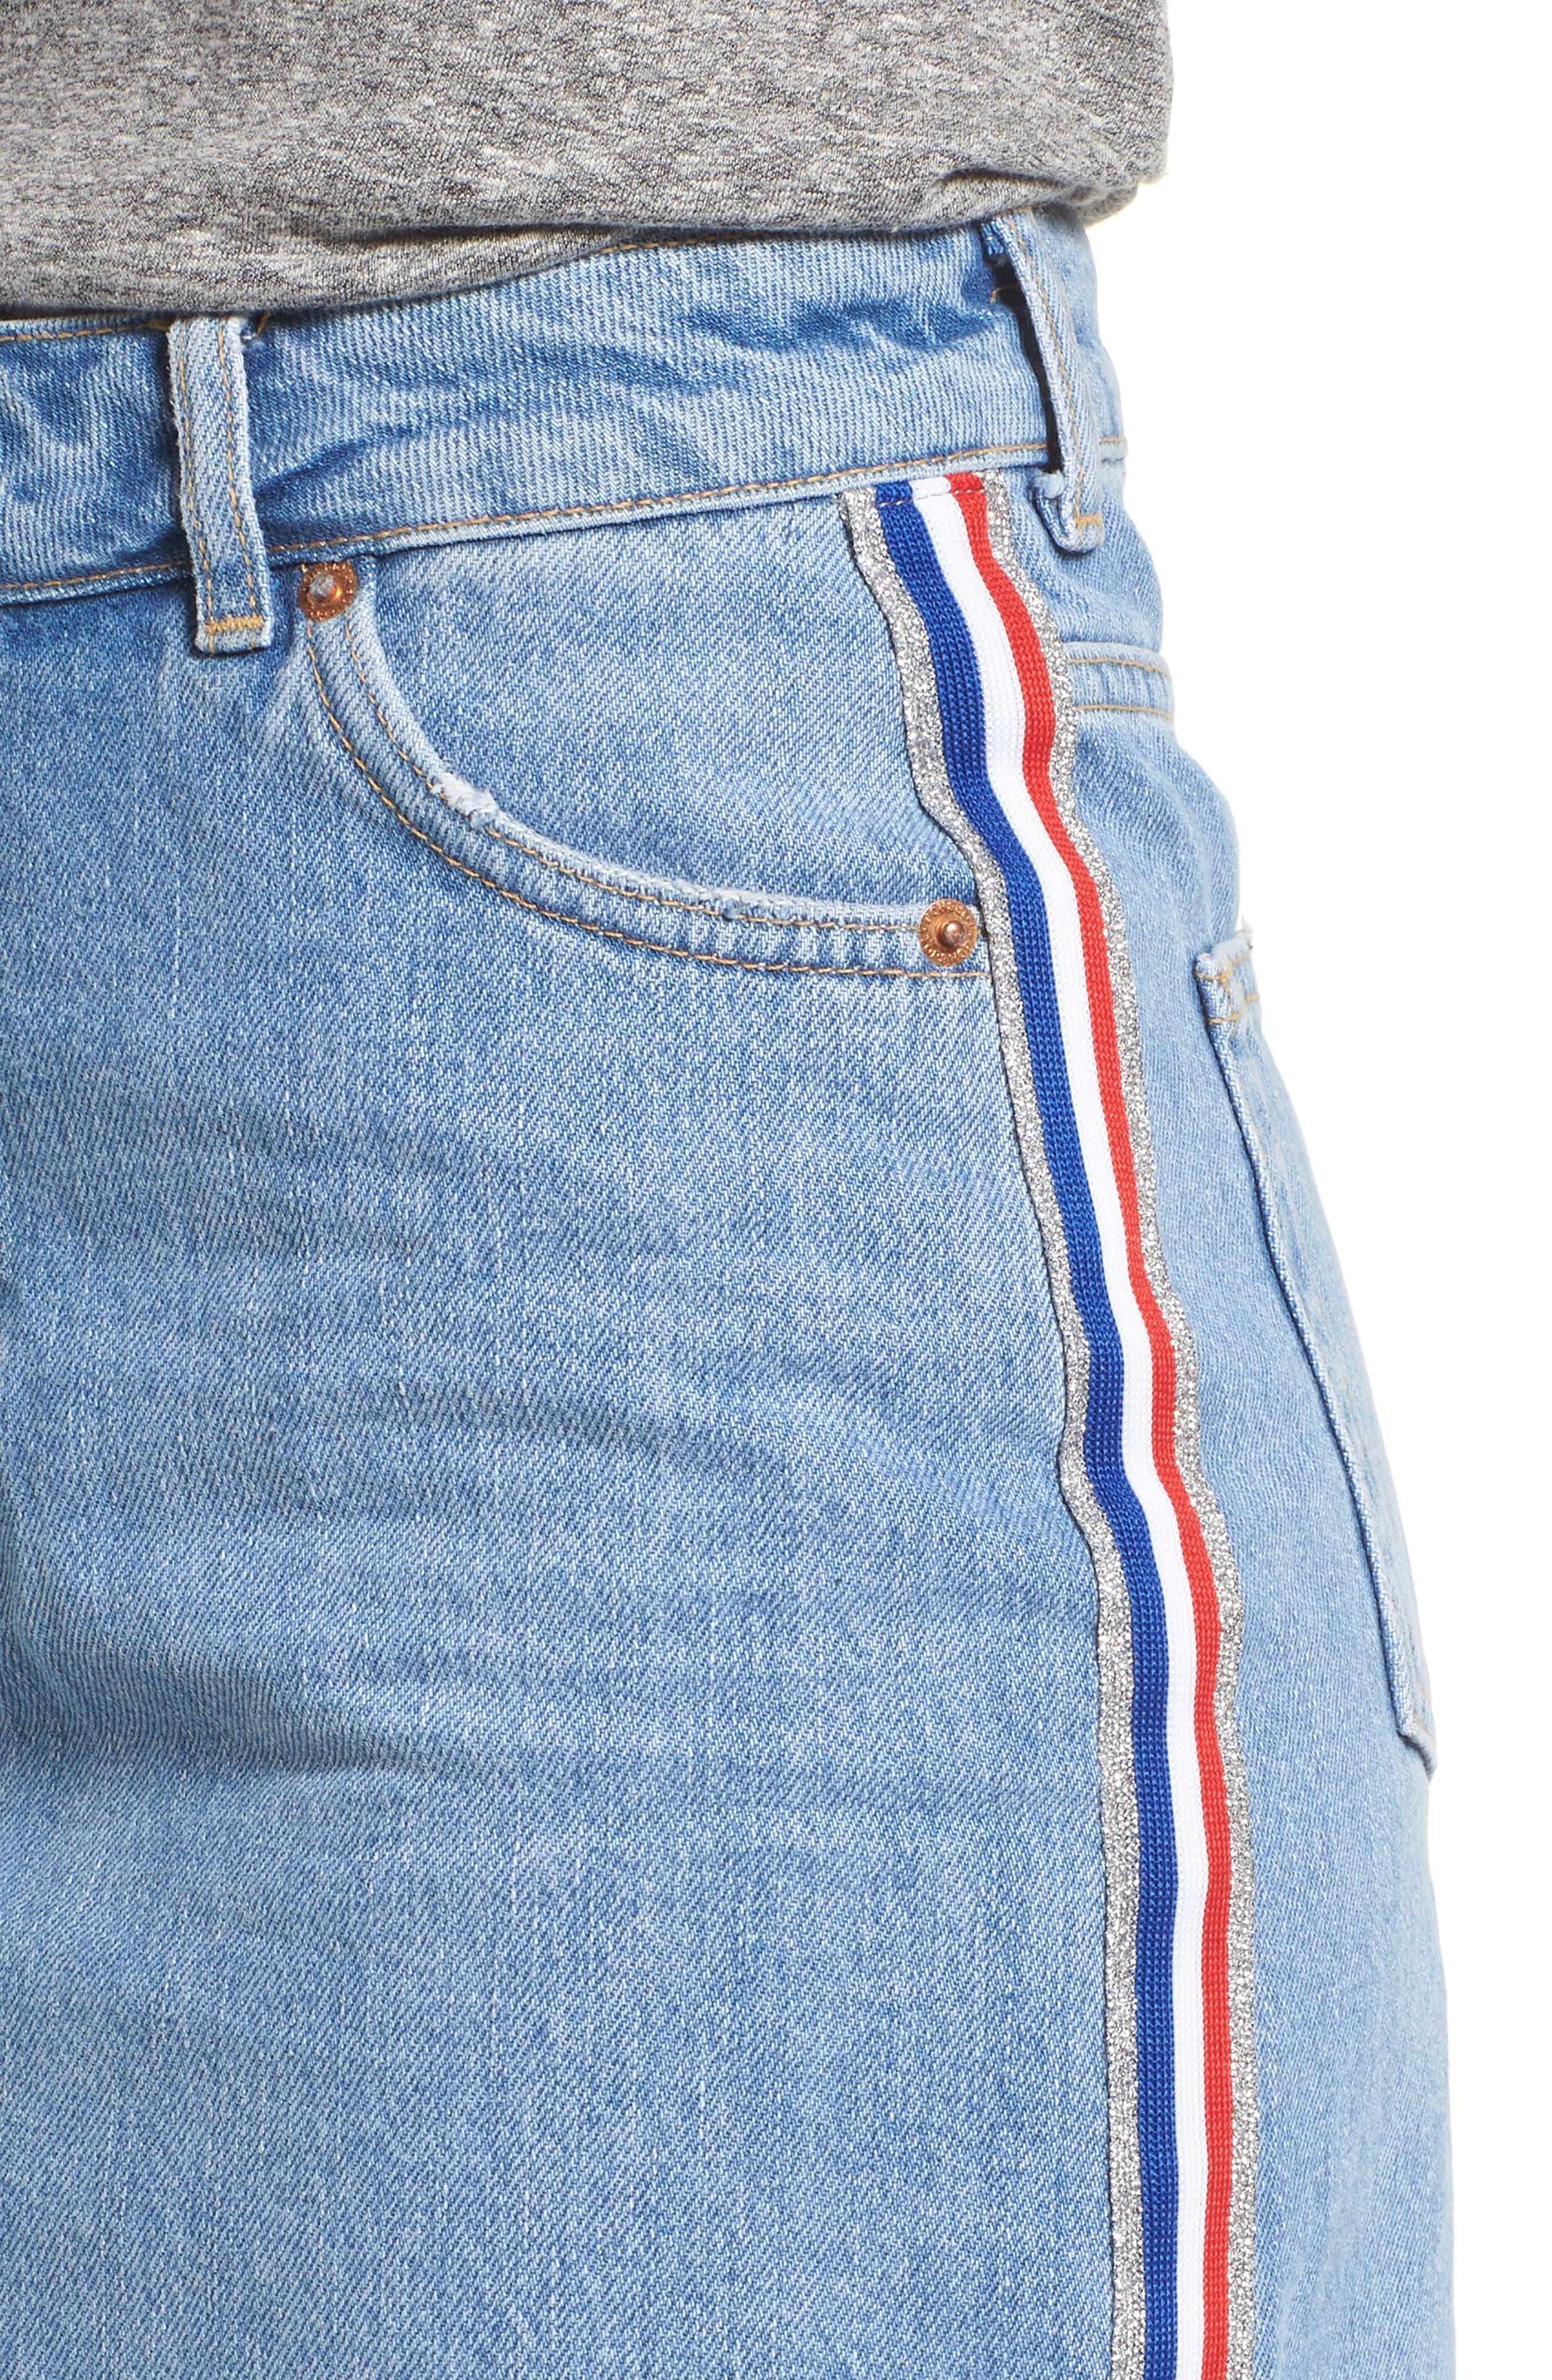 MOTO Stripe Denim Skirt,                             Alternate thumbnail 4, color,                             450